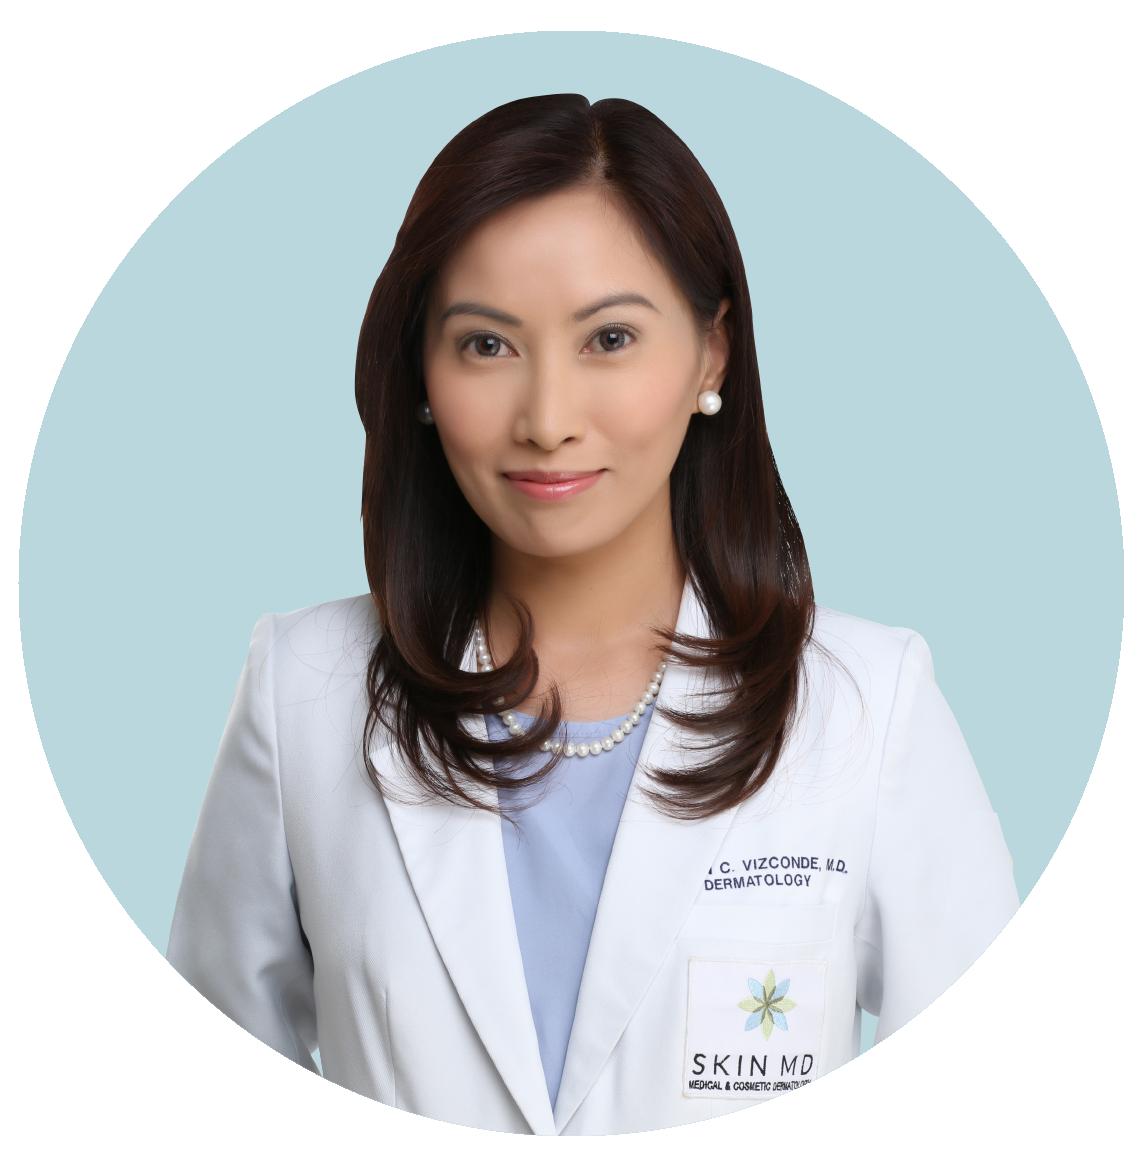 Eileen C. Vizconde - Best Dermatologist